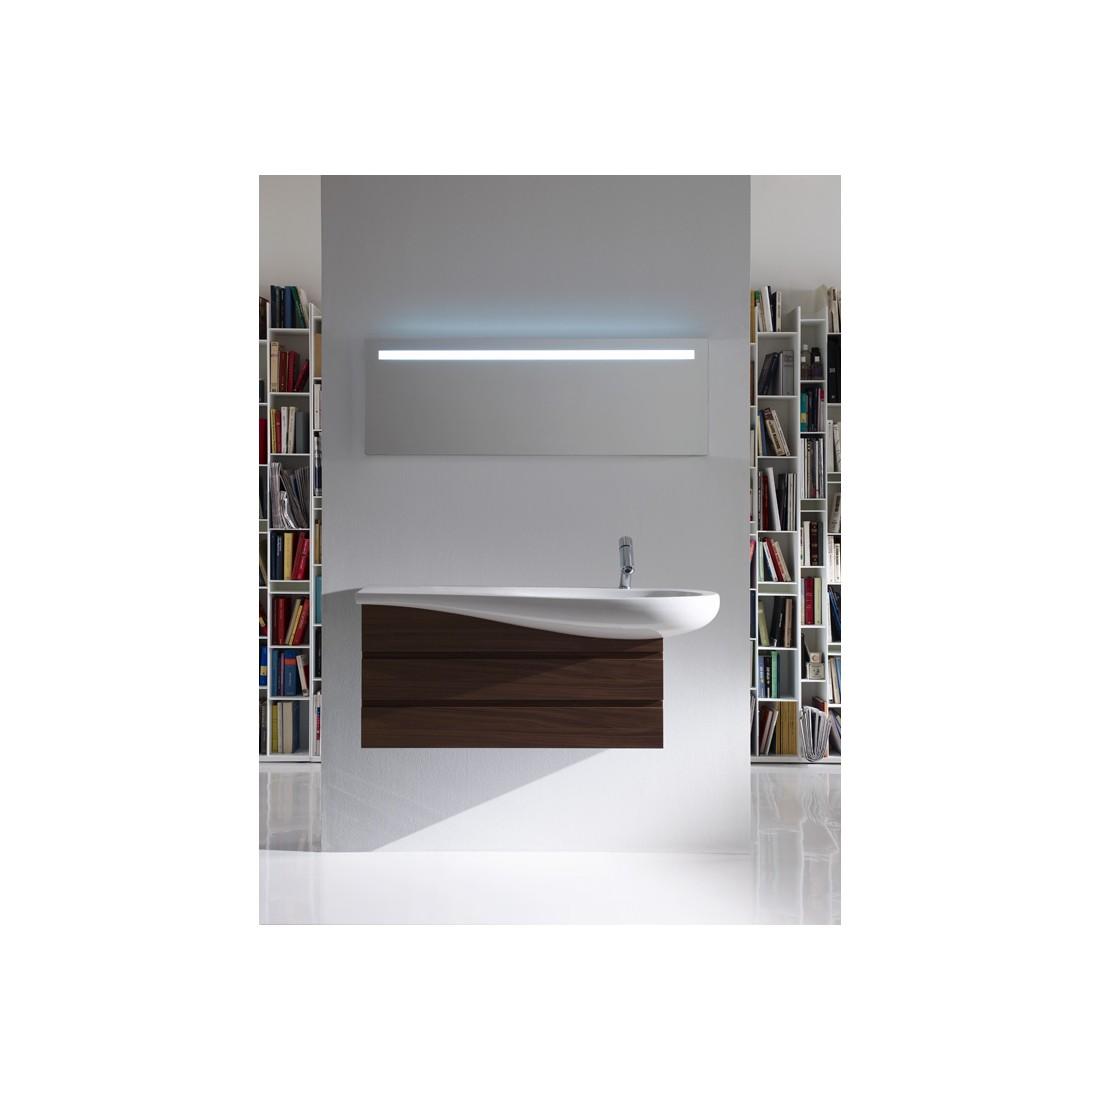 ALESSI ONE baldinis praustuvas 120 x 50/35 cm, su anga maišytuvui, lentynėlė kairėje, baltas su LCC